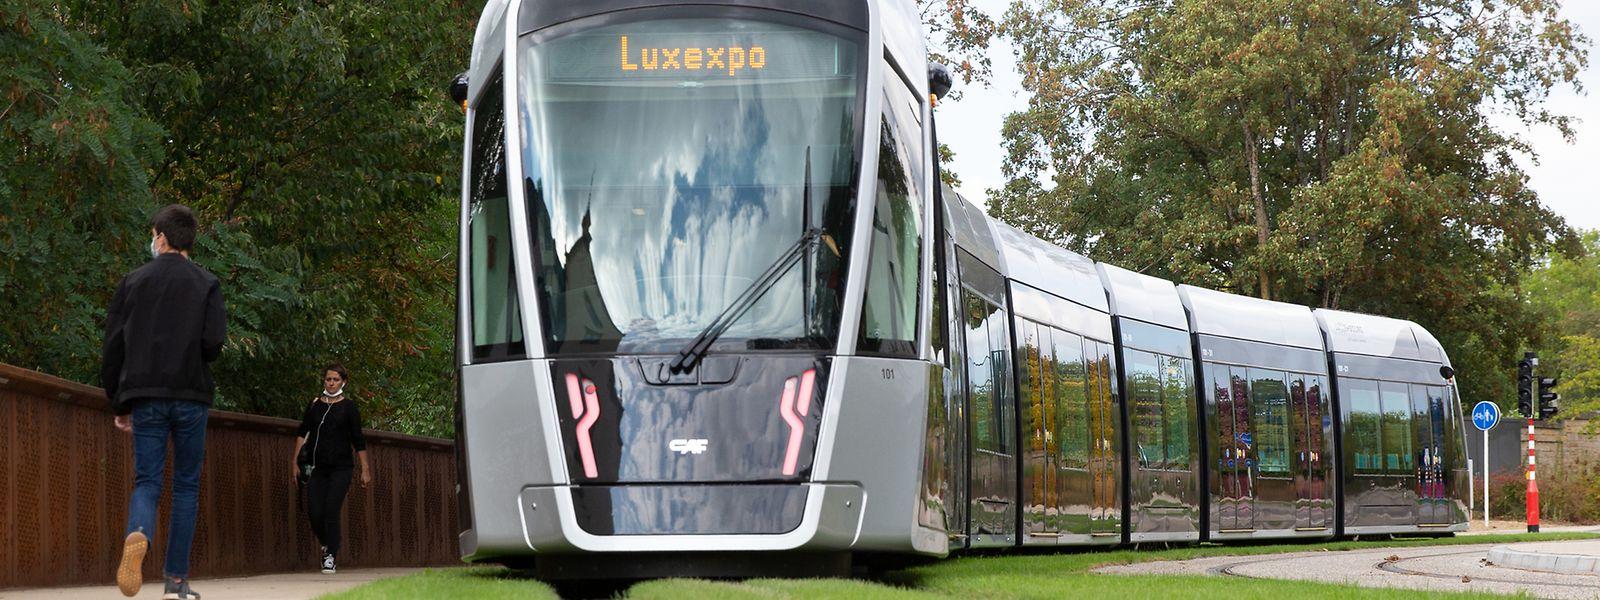 Bis Ende 2023 soll die Tram ebenfalls von der Luxexpo zum Flughafen fahren.